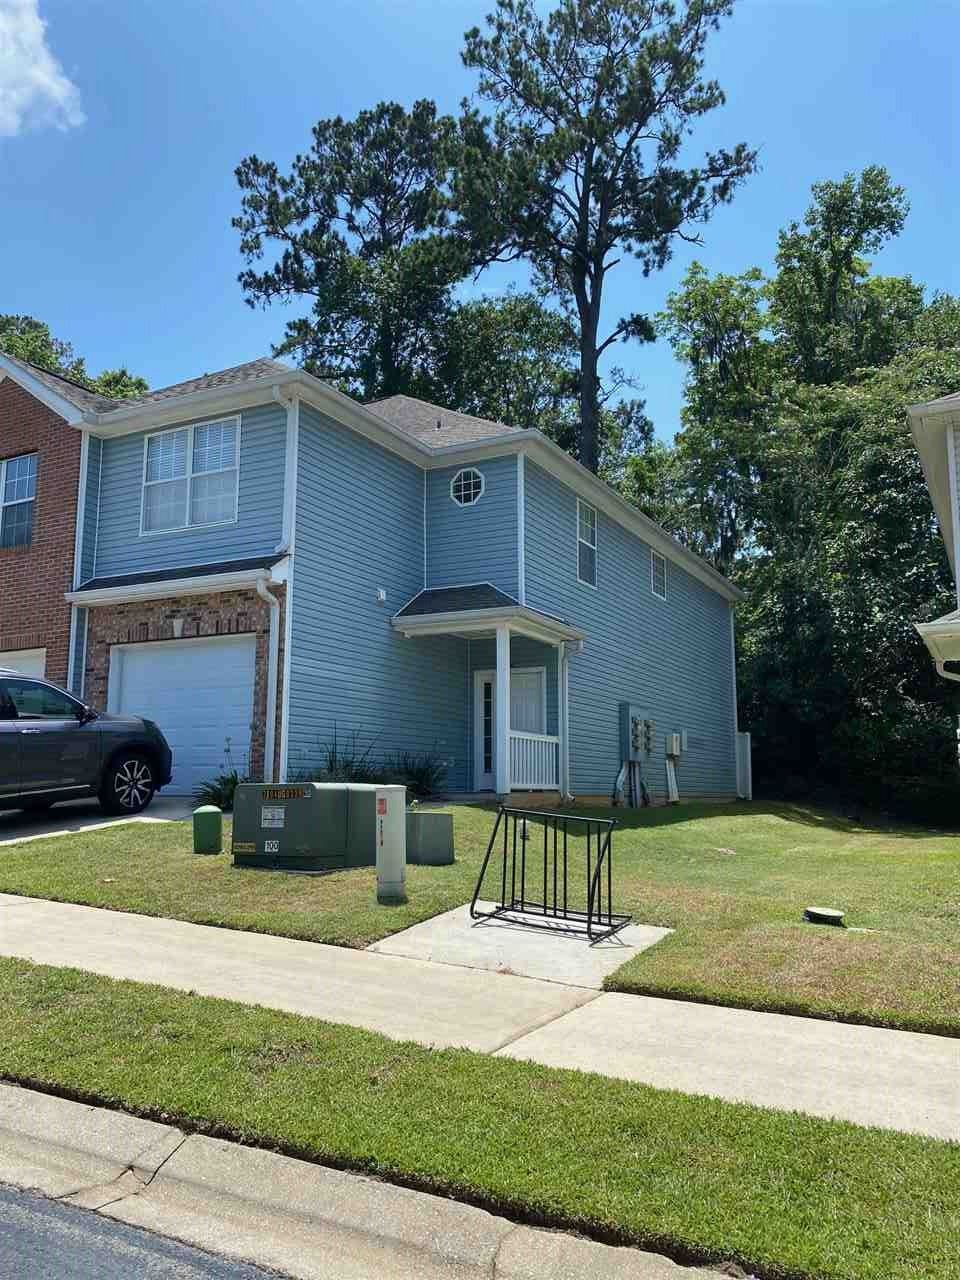 Photo of 1320 Hendrix Road #806, TALLAHASSEE, FL 32301 (MLS # 321989)